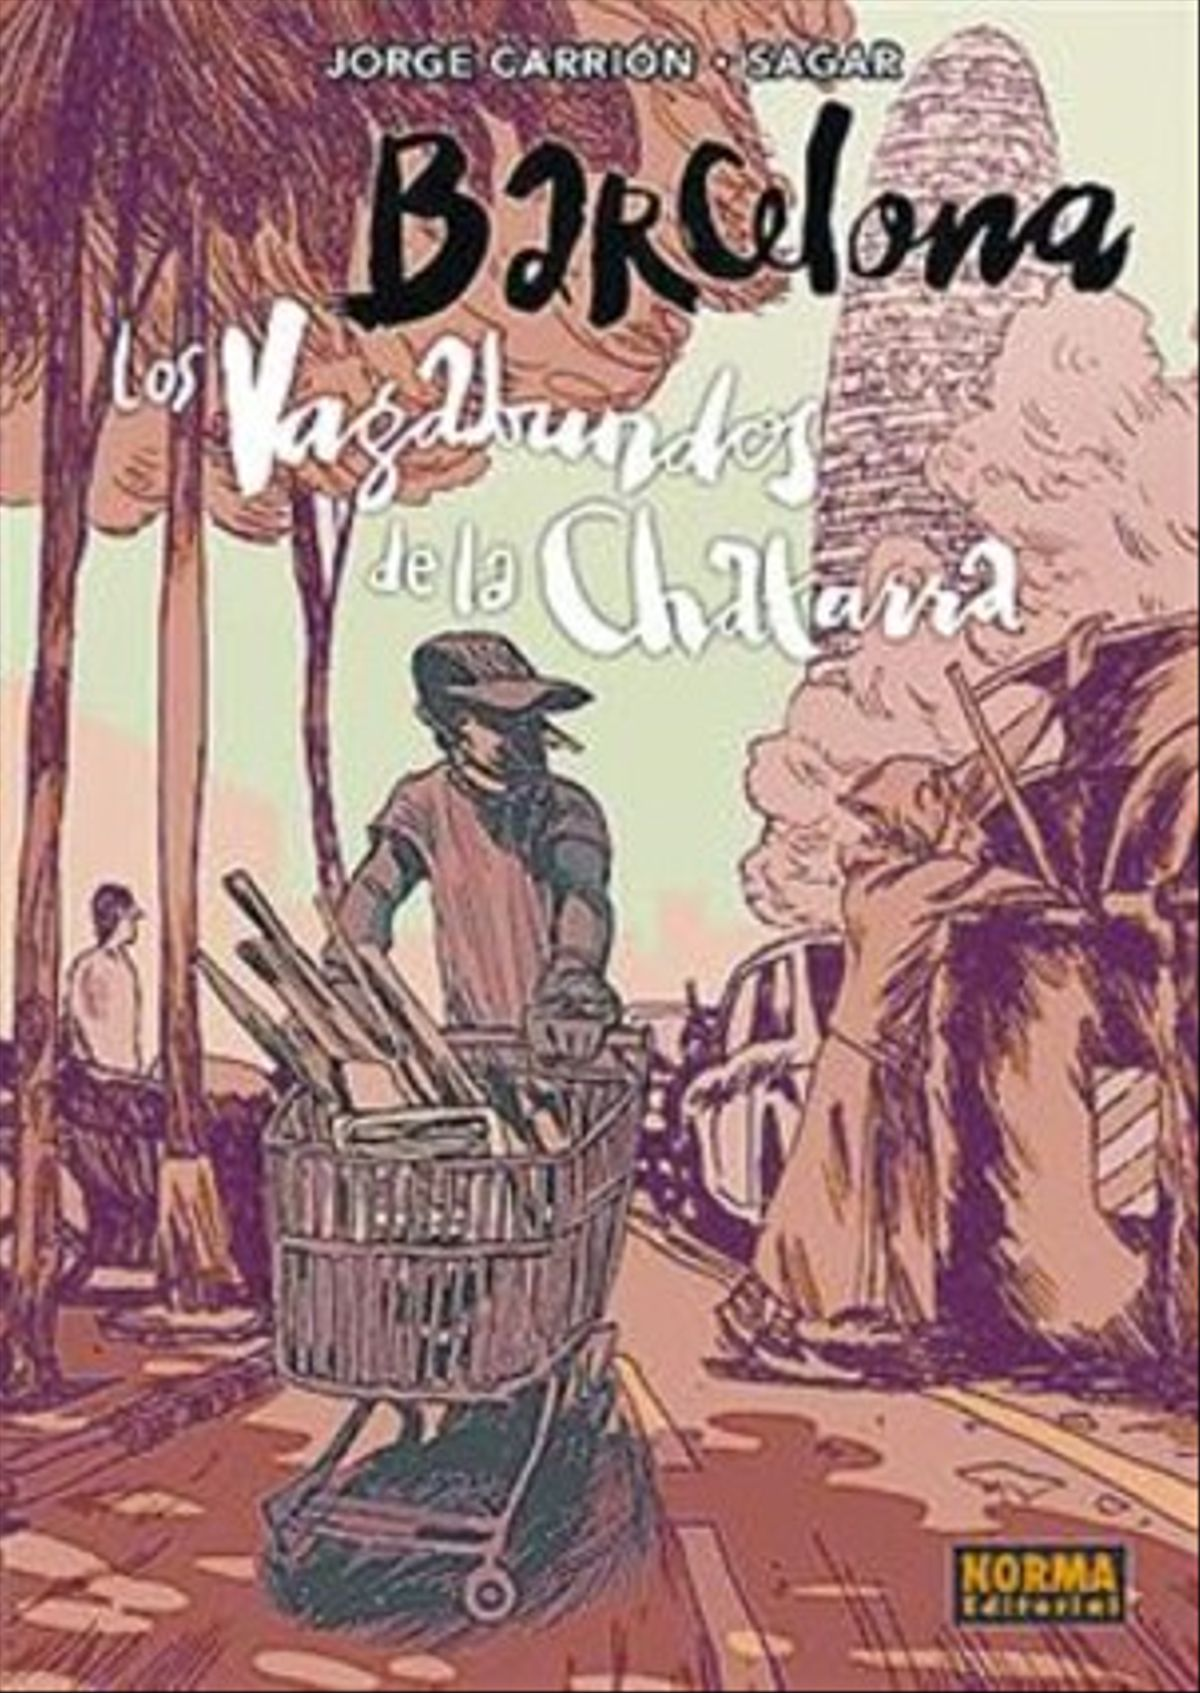 Cubiertas de 'Barcelona. Los vagabundos de la chatarra', de Jorge Carrión y Sagar.